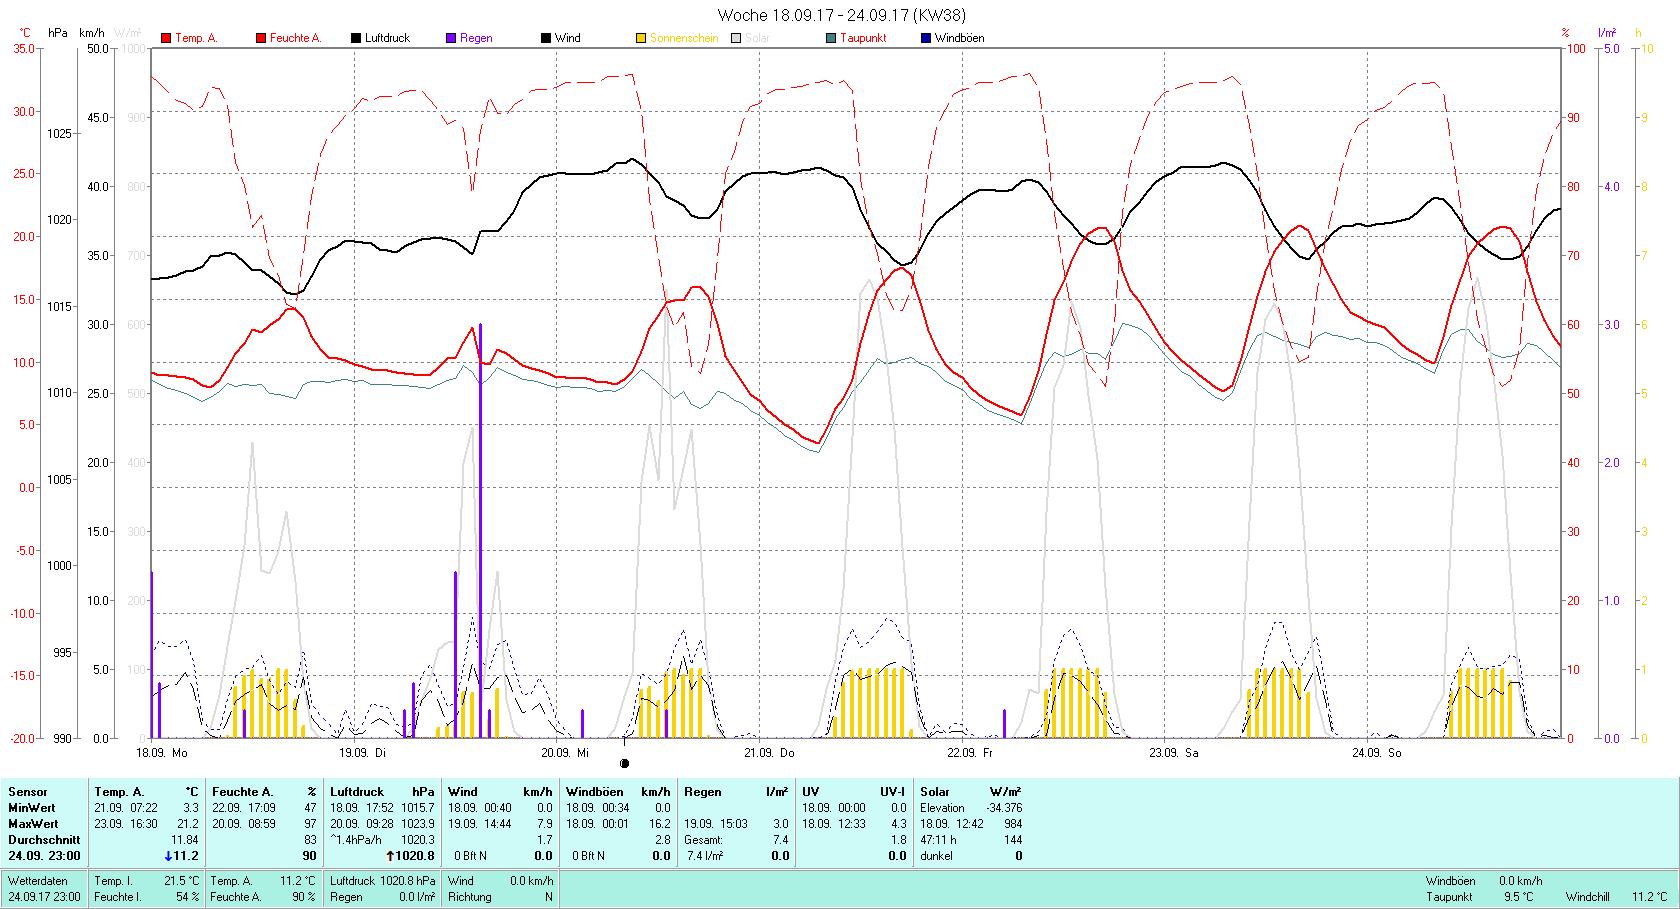 KW 38 Tmin 3.3°C, Tmax 21.2°C, Sonne 47:11 h Niederschlag 7.4 mm2